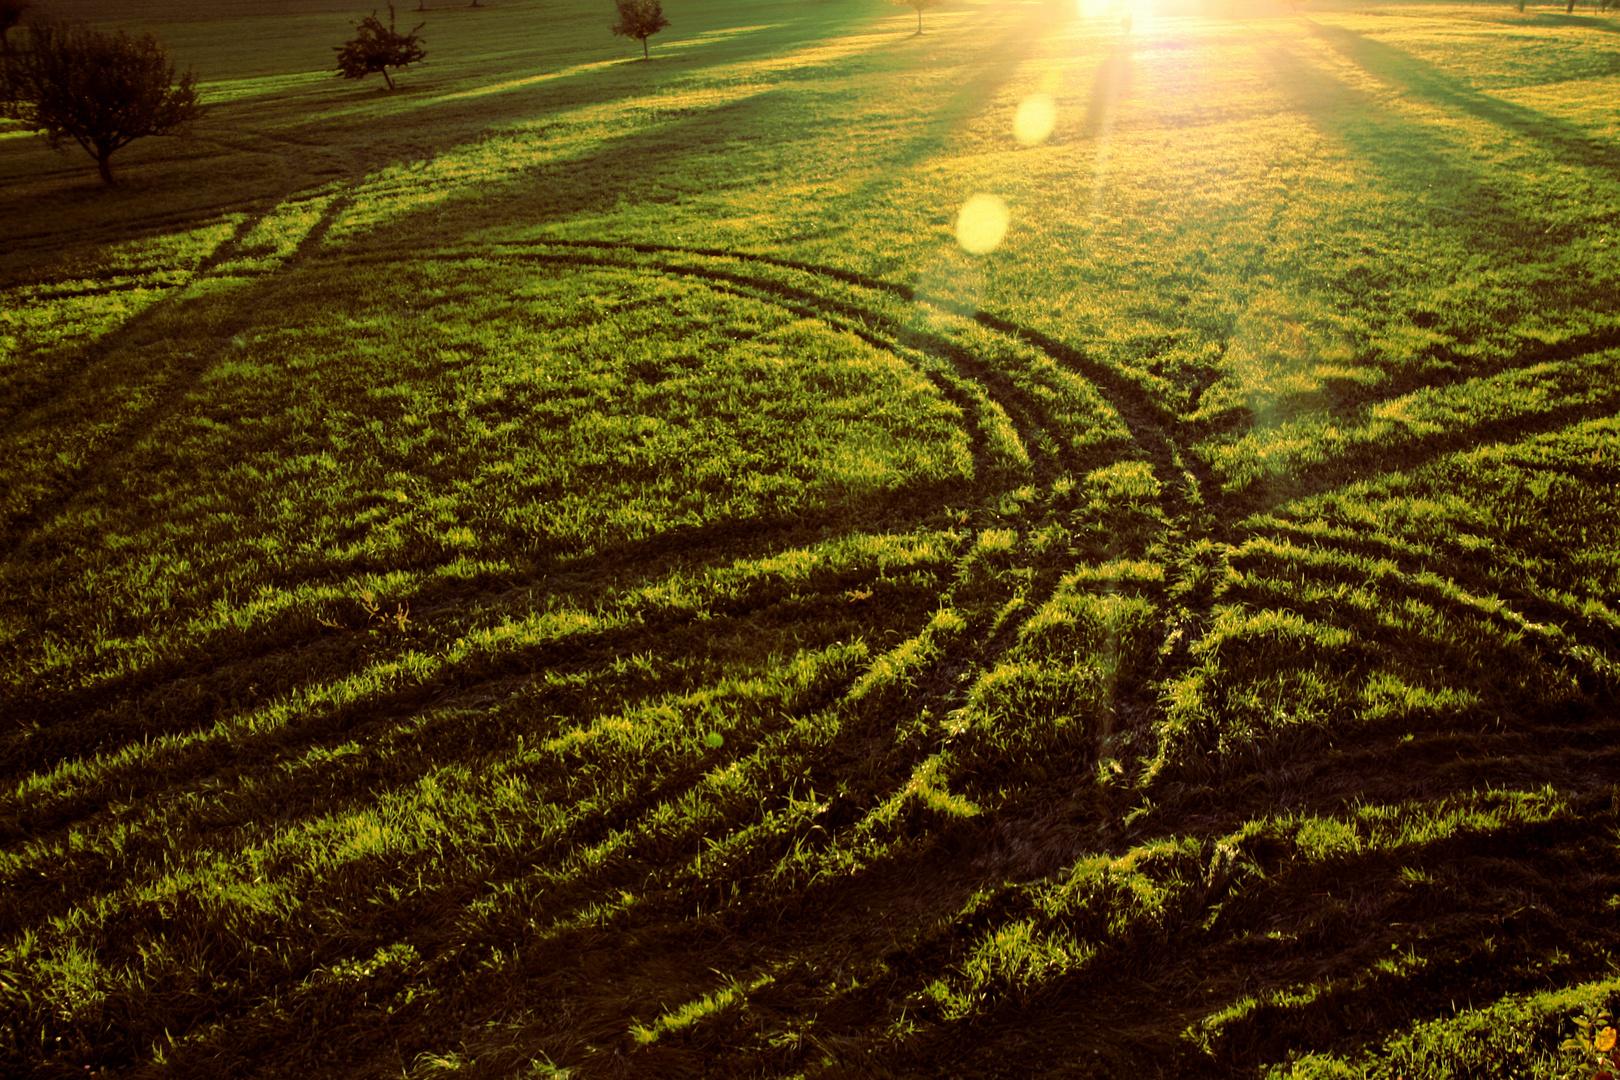 Landwirtschaft trifft Landschaft